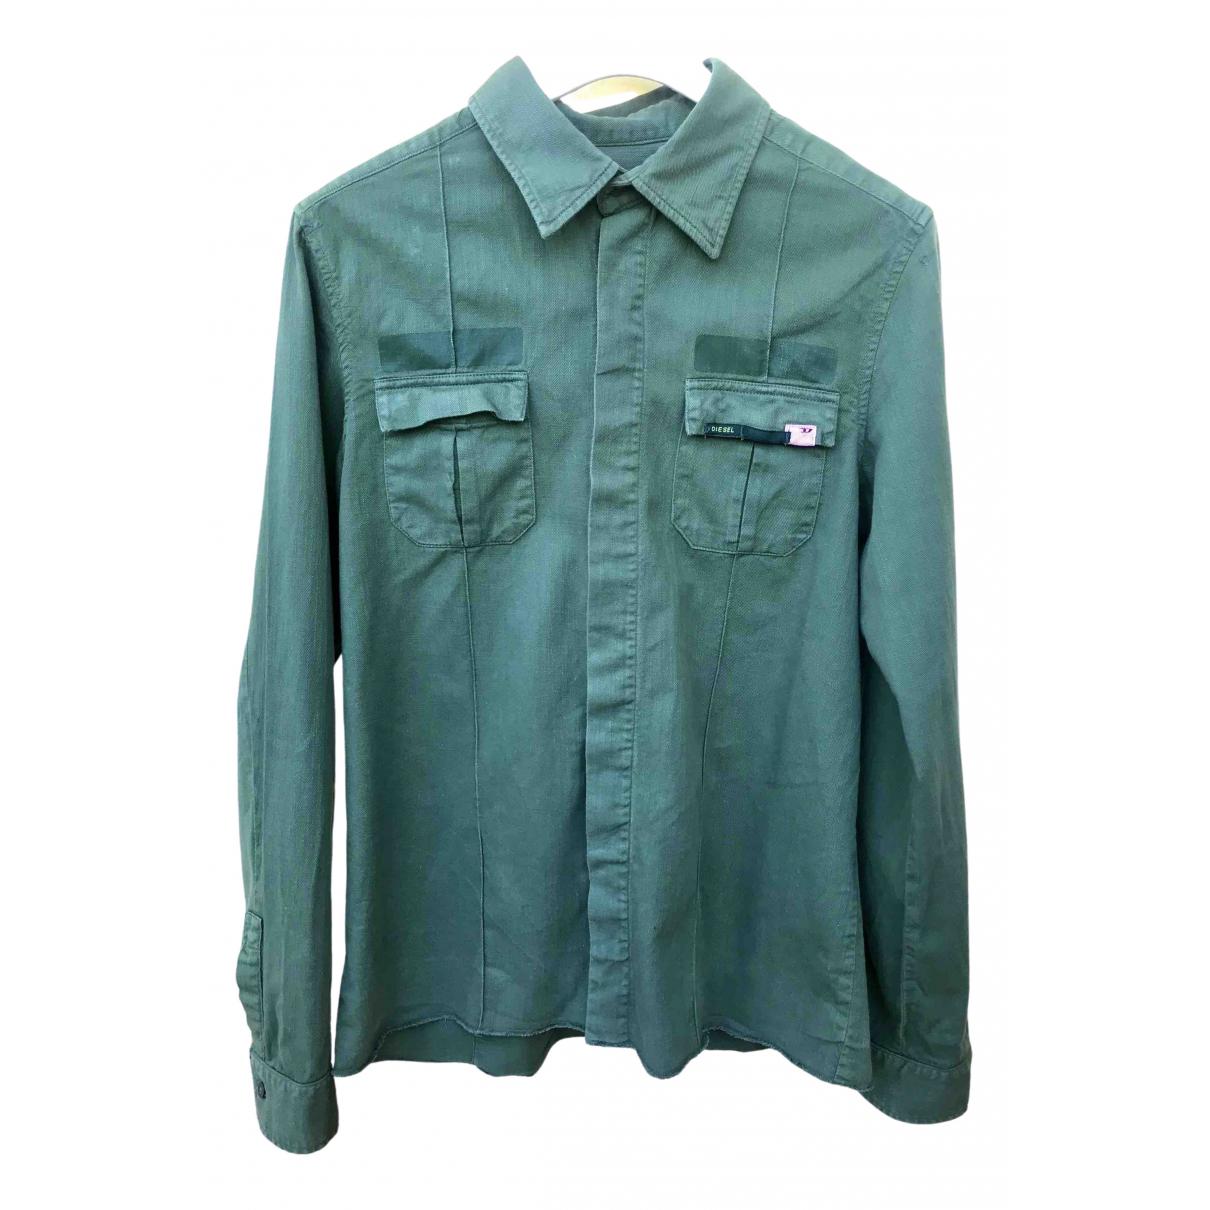 Diesel - Chemises   pour homme en coton - kaki